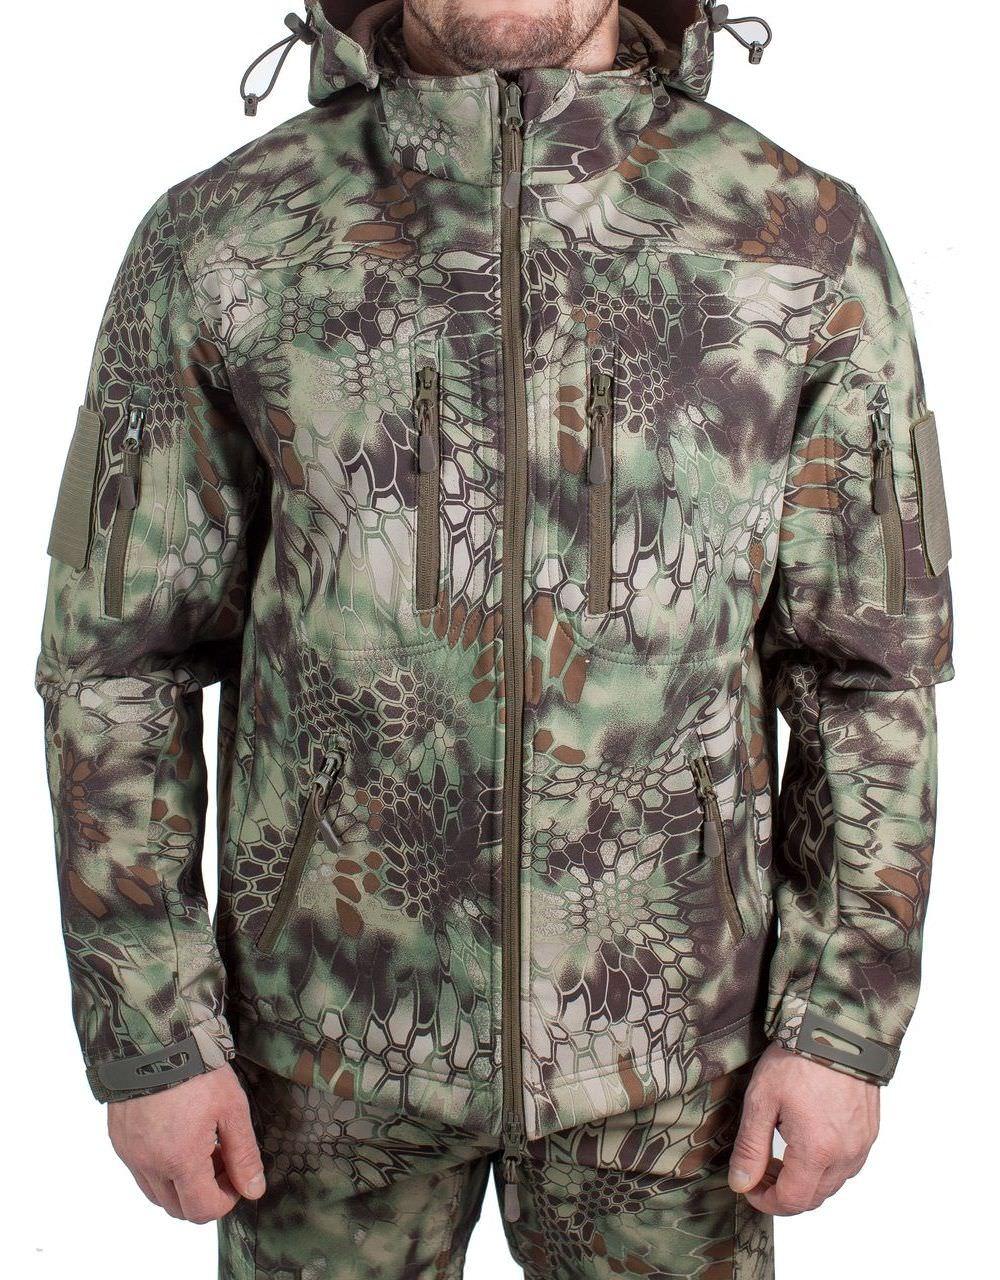 Куртка МПА-26-01 КМФ (софтшелл, питон лес), Куртки софтшелл (Softshell)<br>Куртка МПА-26-01 предназначена для поддержания <br>комфортной температуры тела в холодное <br>время года при активной физической деятельности, <br>при ветре и дожде. Эффективно отводит пар <br>от тела, не пропускает влагу извне. ХАРАКТЕРИСТИКИ <br>ЗАЩИТА ОТ ХОЛОДА ЗАЩИТА ОТ ДОЖДЯ И ВЕТРА <br>ДЛЯ ИНТЕНСИВНЫХ НАГРУЗОК ДЛЯ АКТИВНОГО <br>ОТДЫХА ТОЛЬКО РУЧНАЯ СТИРКА МАТЕРИАЛЫ СОФТШЕЛЛ <br>ФЛИС МЕМБРАНА<br><br>Пол: мужской<br>Размер: 46<br>Рост: 182<br>Сезон: демисезонный<br>Цвет: питон лес<br>Материал: мембрана